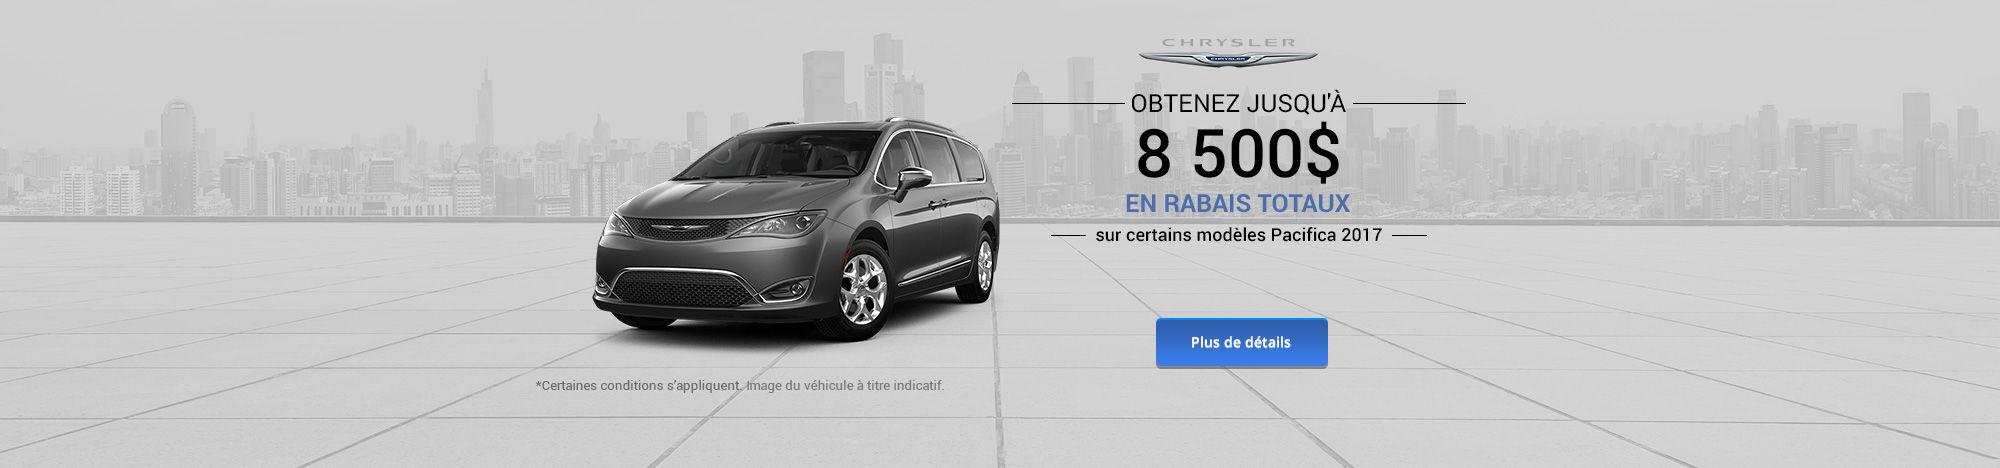 Vente mensuelle Chrysler